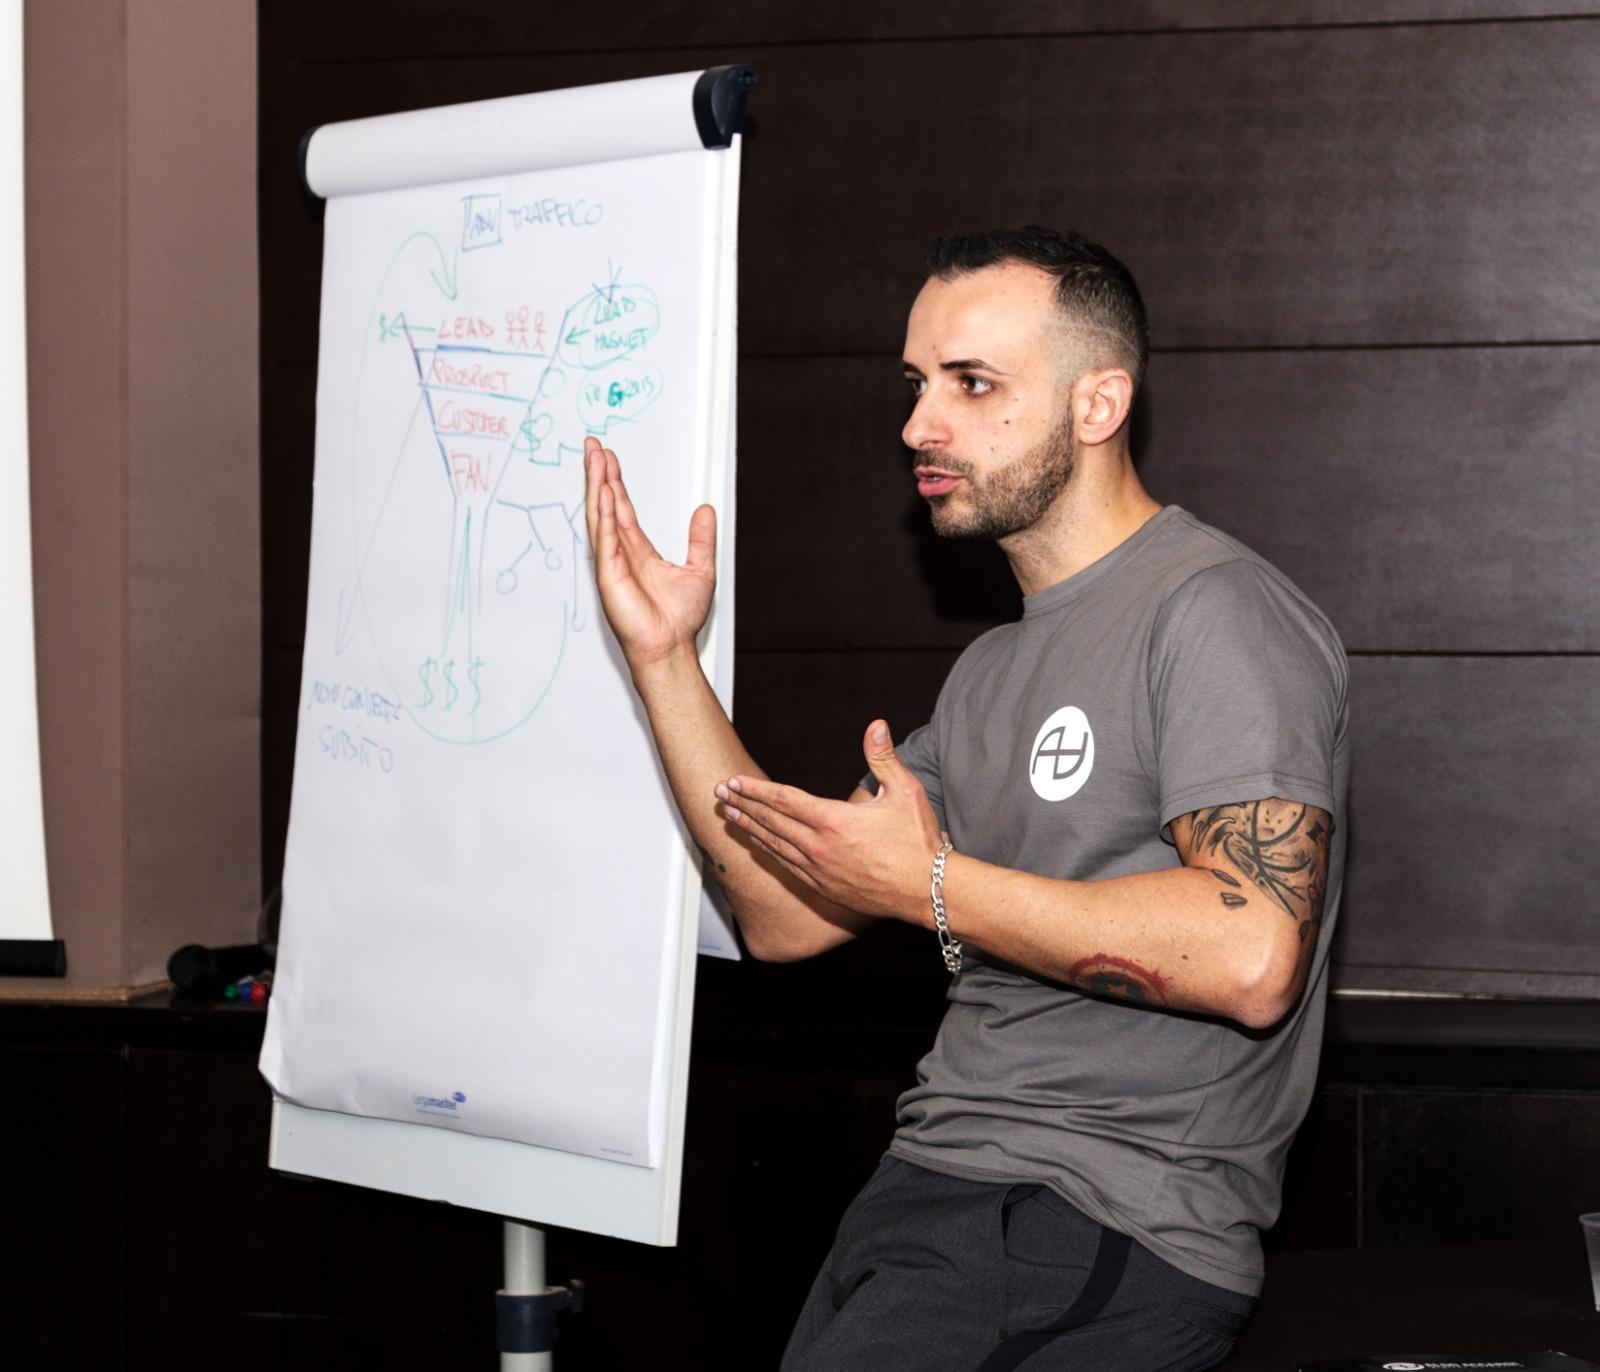 """Digital marketing, il mestiere del futuro. Parla Aldo: """"Così valorizziamo sul web idee, saperi e conoscenze"""""""